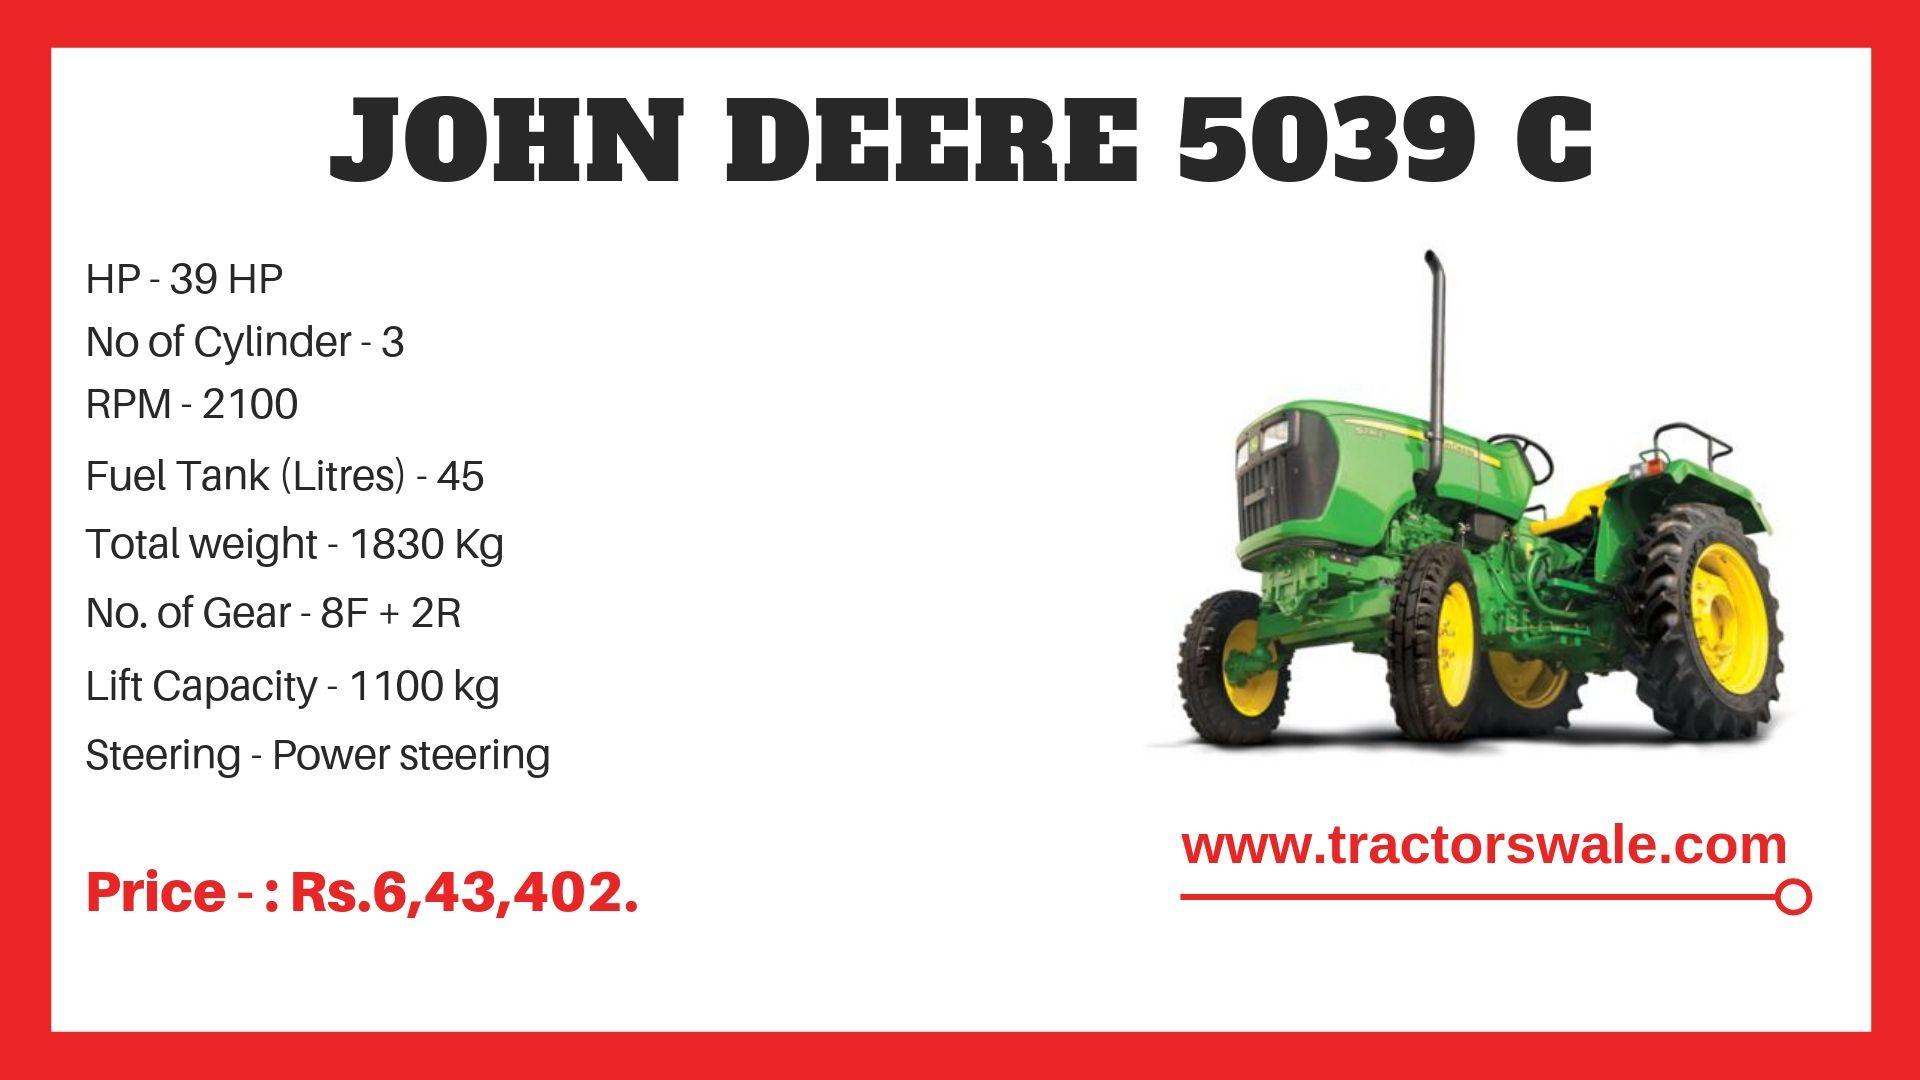 John Deere 5039 C Specifications